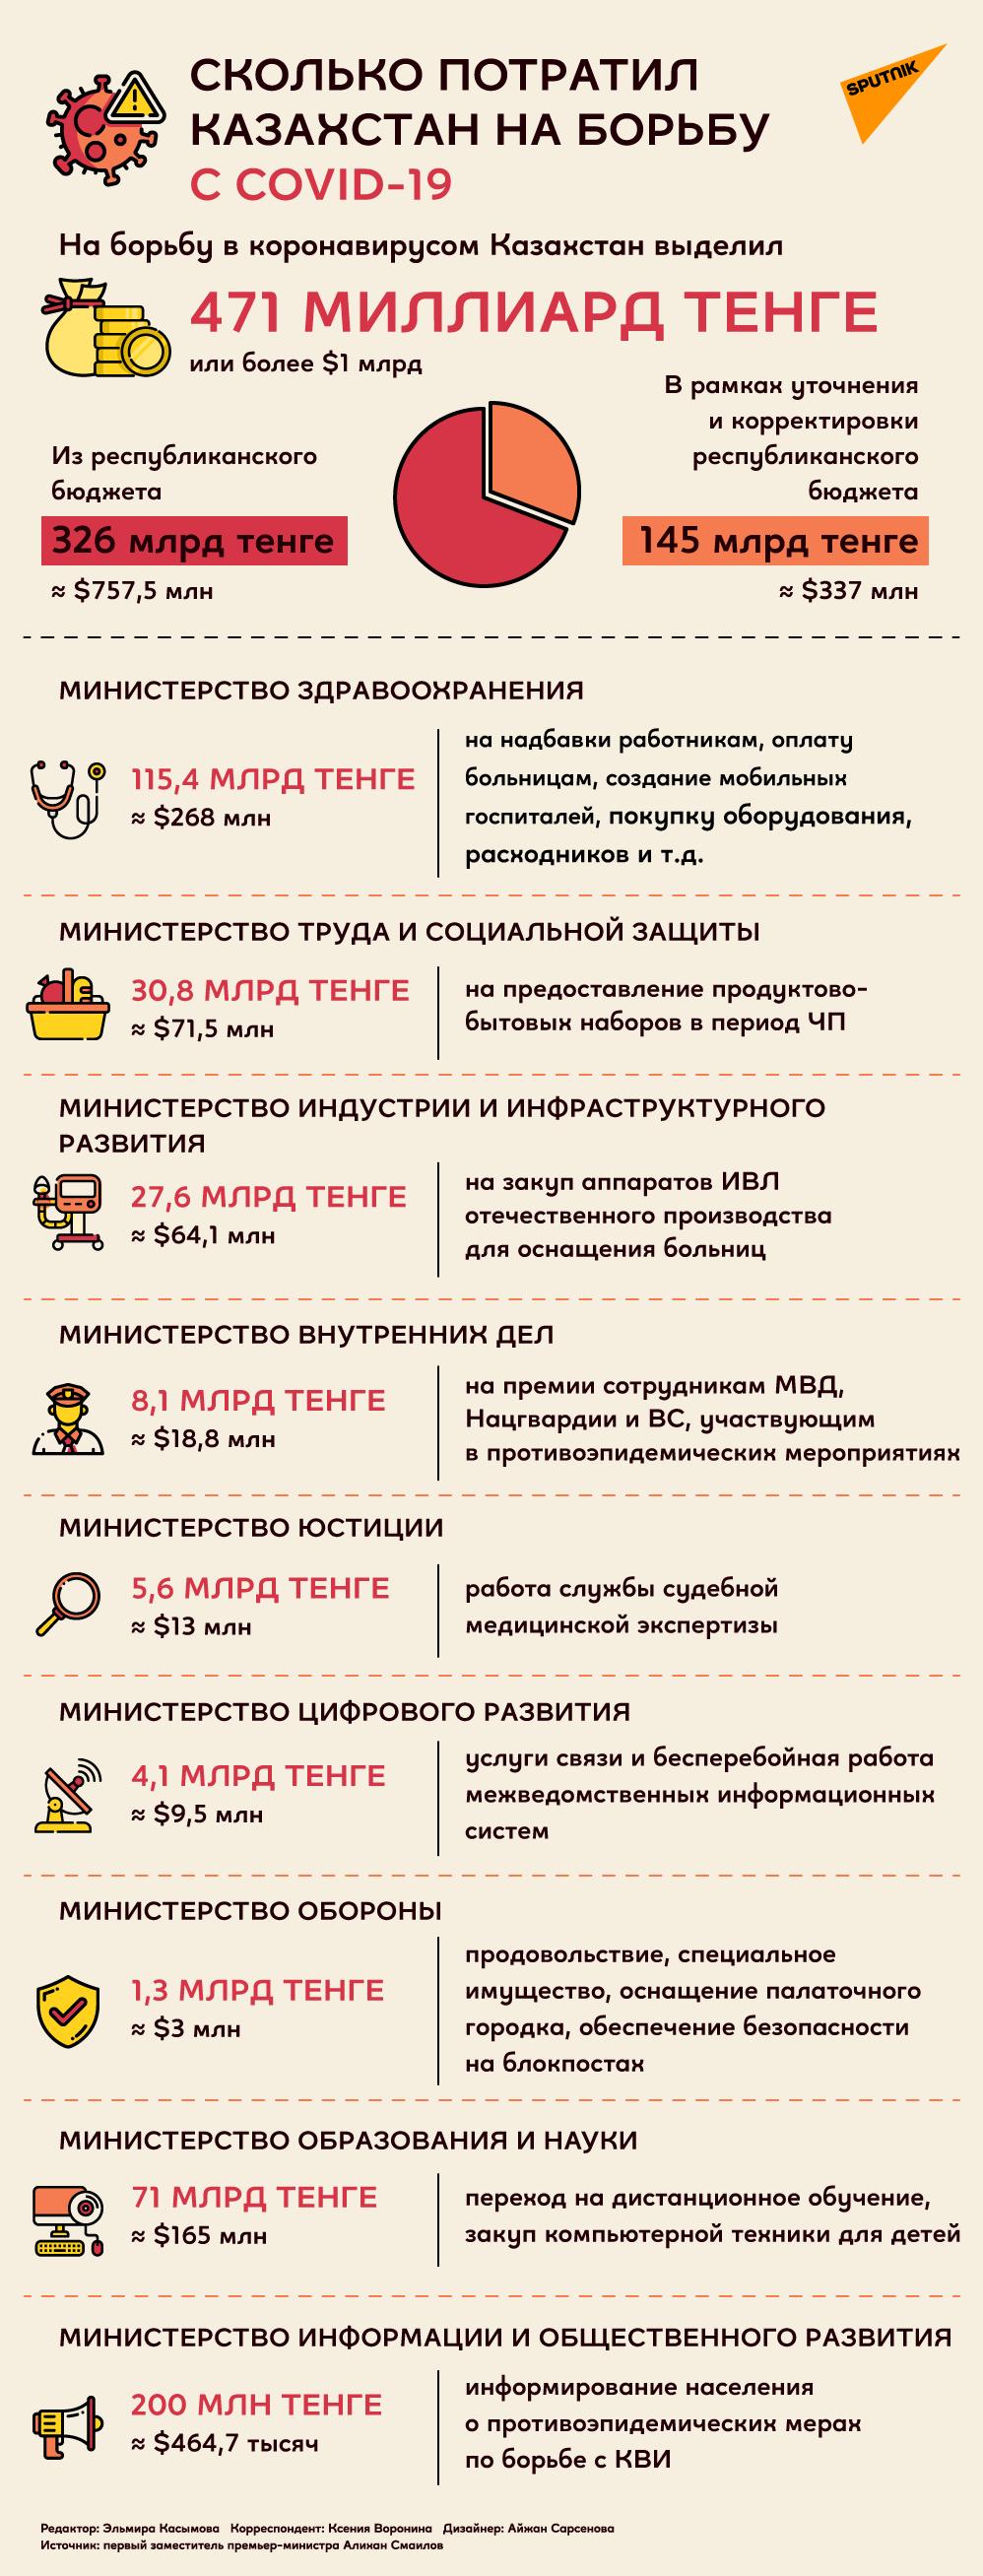 Сколько потратил Казахстан на борьбу с COVID-19